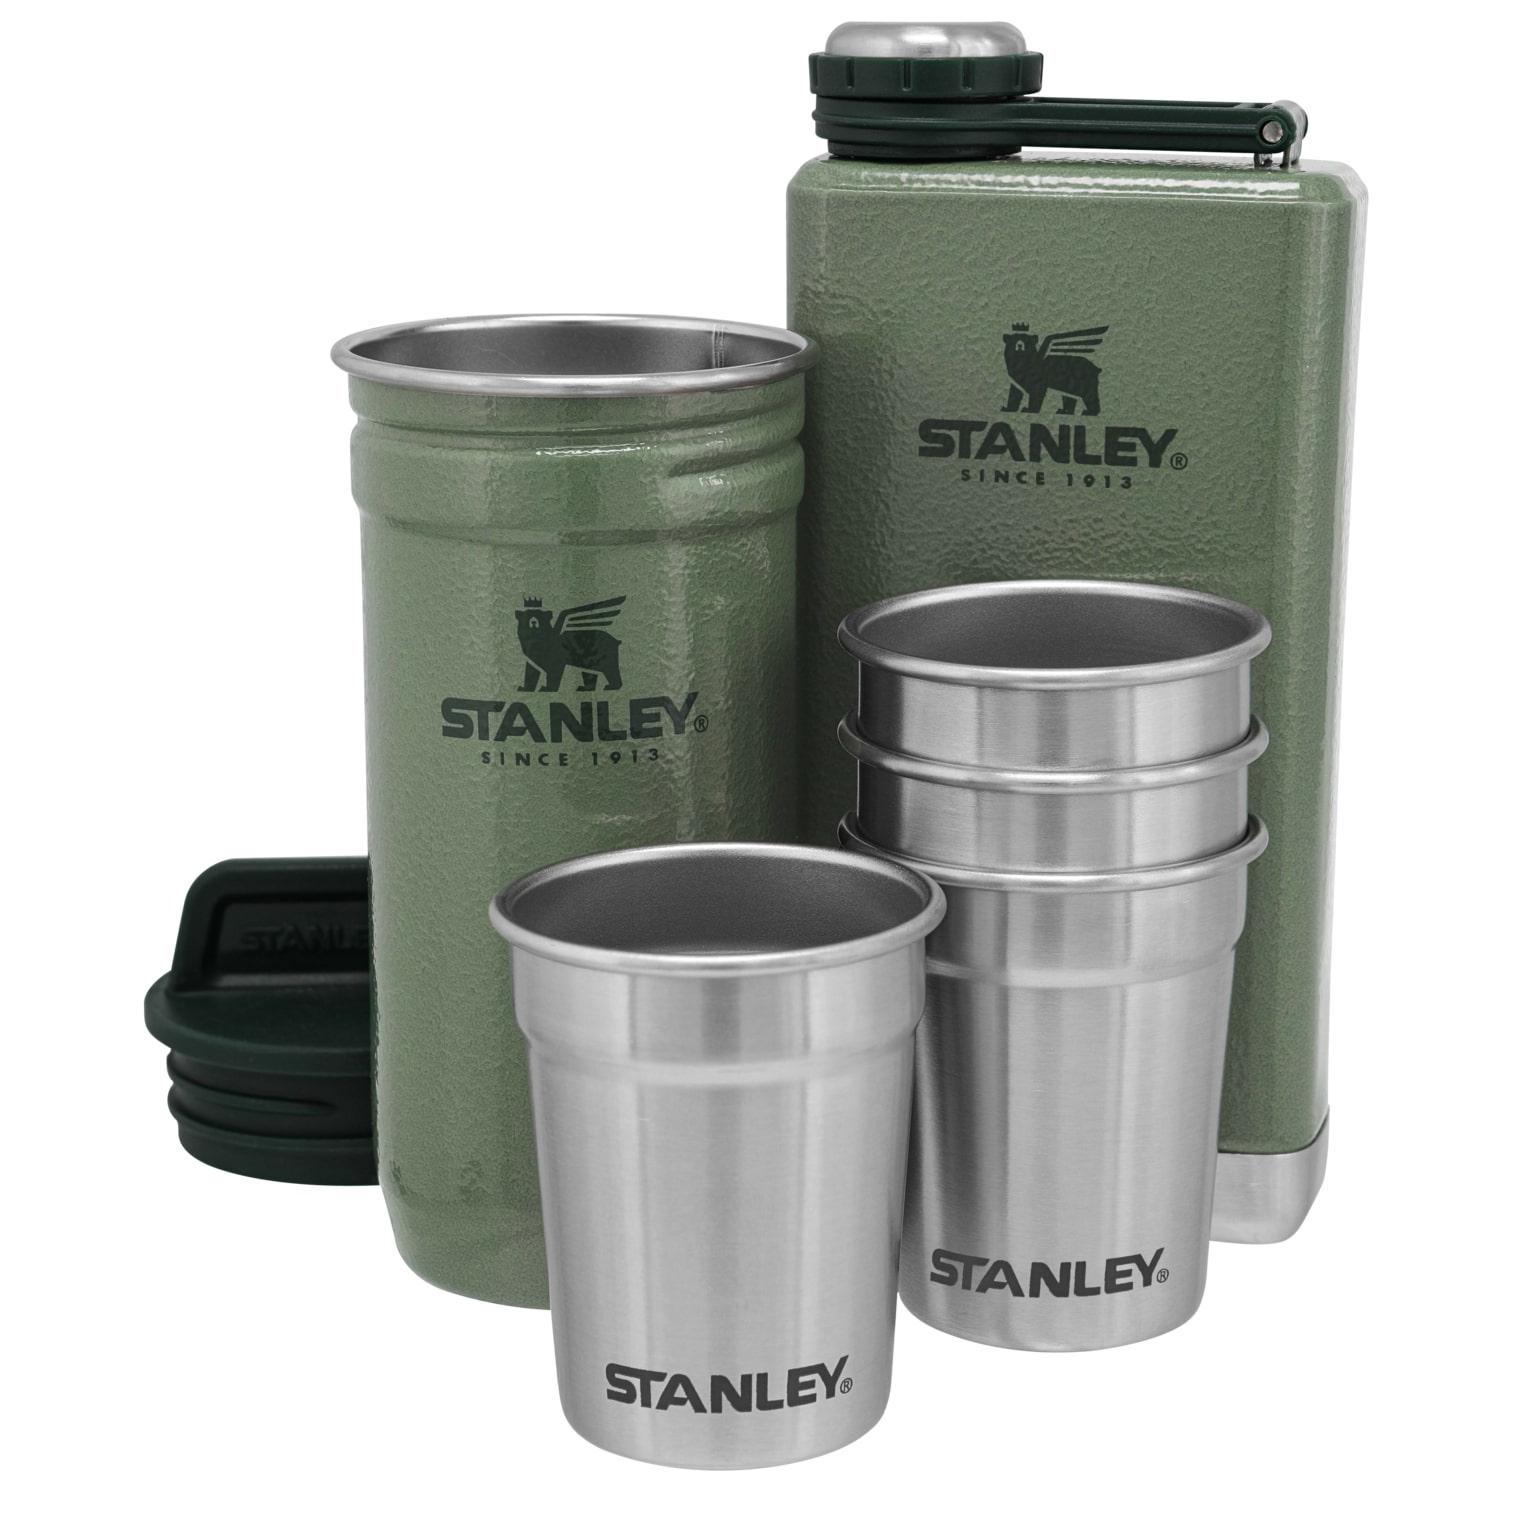 Stanley Adventure Pre-Party Set